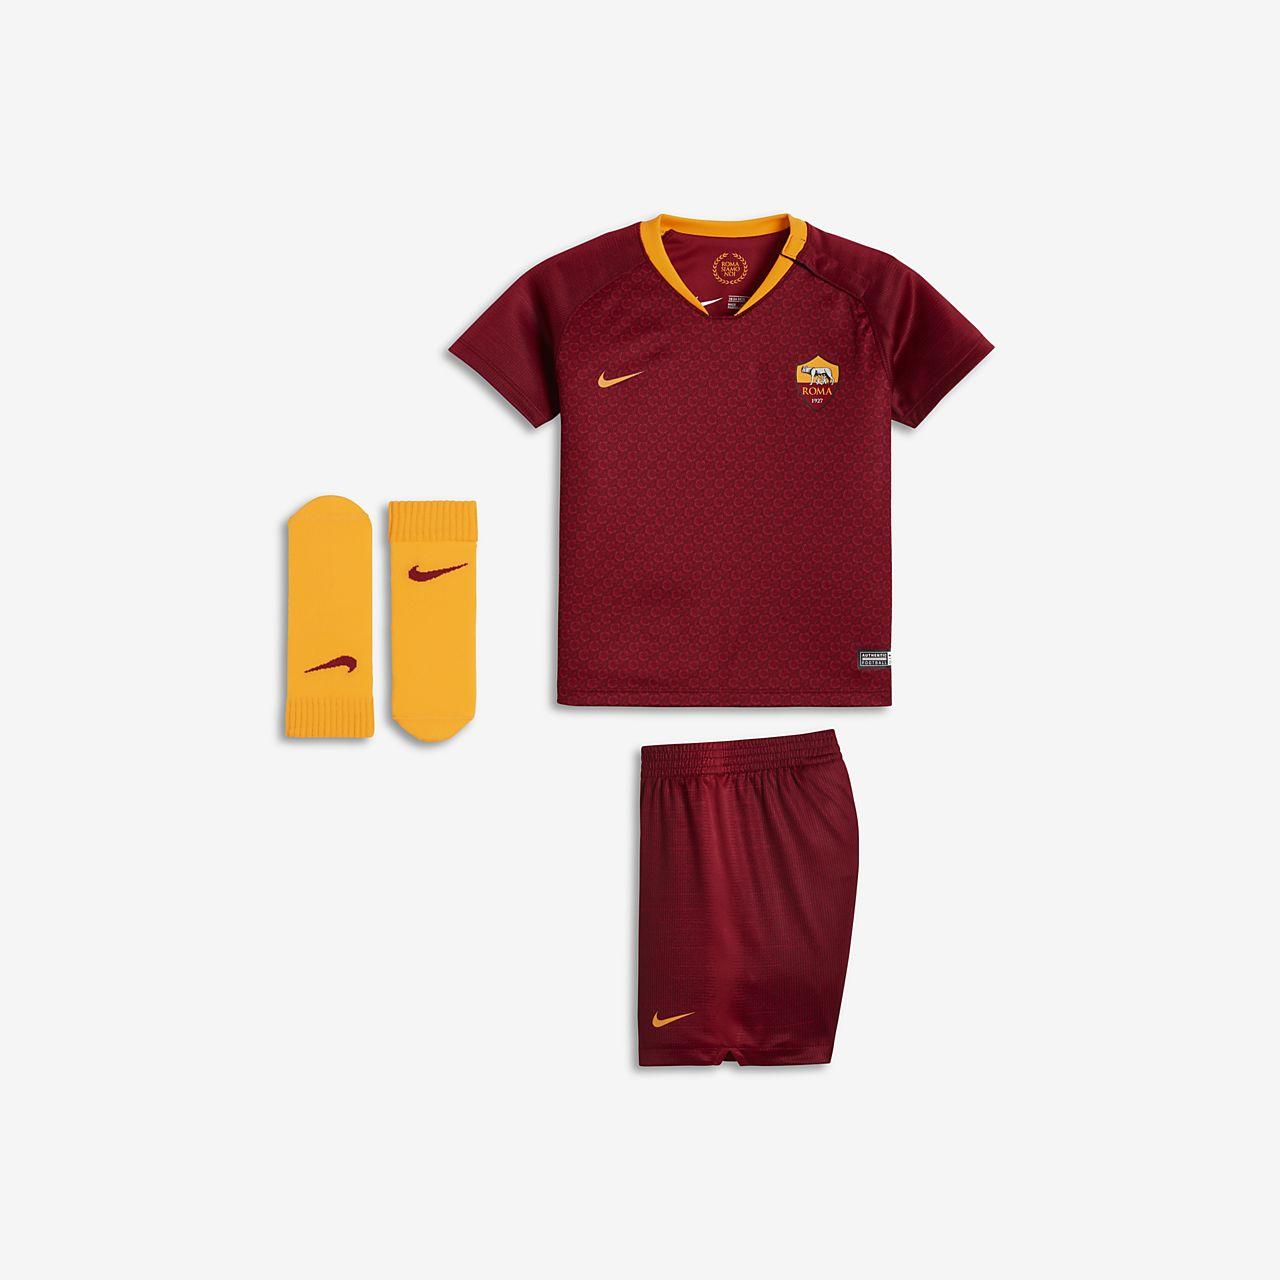 Equipamento de futebol 2018 19 A.S. Roma Stadium Home para bebé ... bce59763555d3